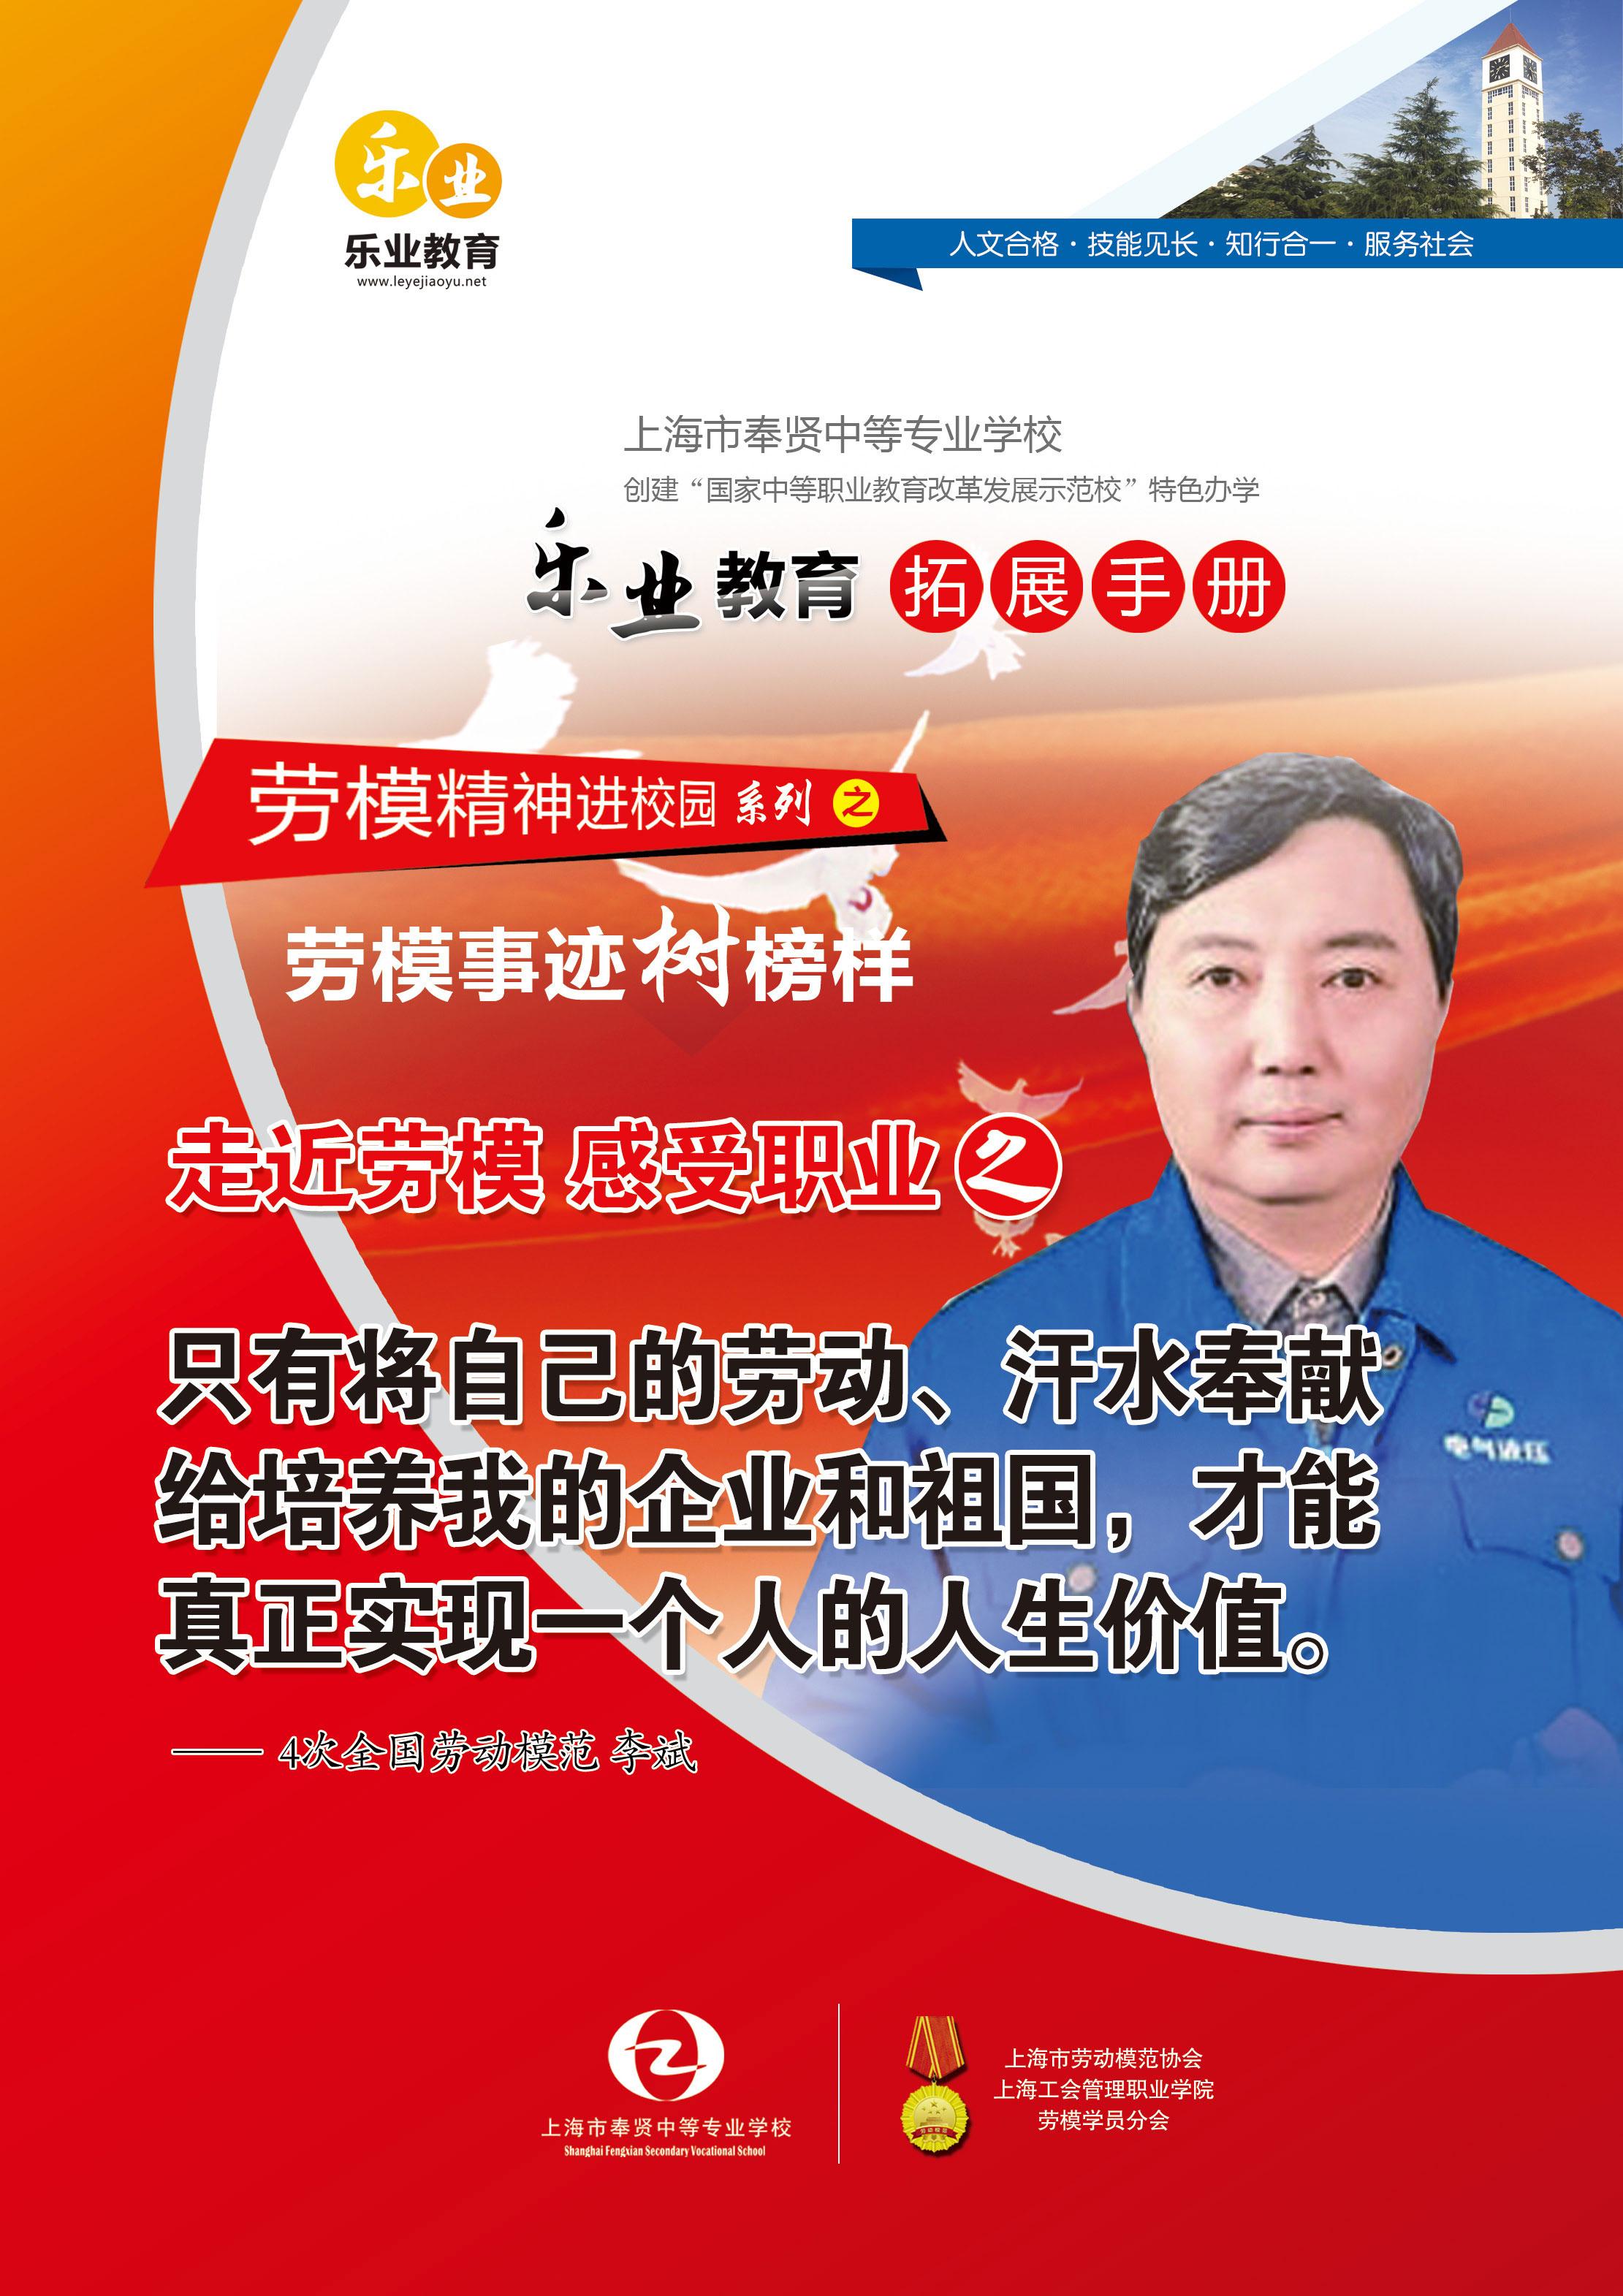 李斌劳模学习手册